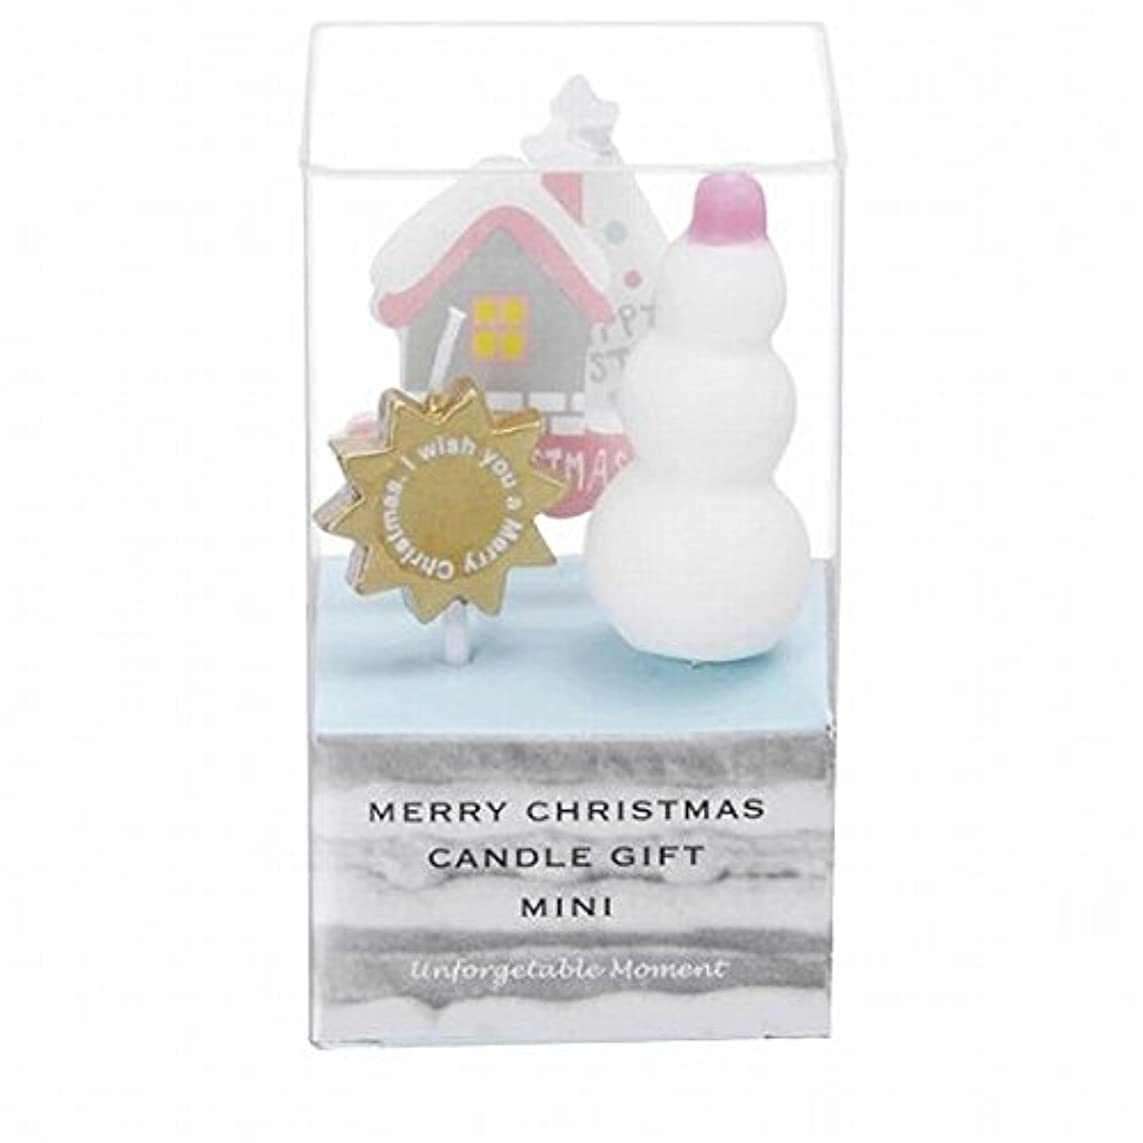 盆実行する誇張するkameyama candle(カメヤマキャンドル) クリスマスキャンドルギフトミニ 「 B 」(55350050)